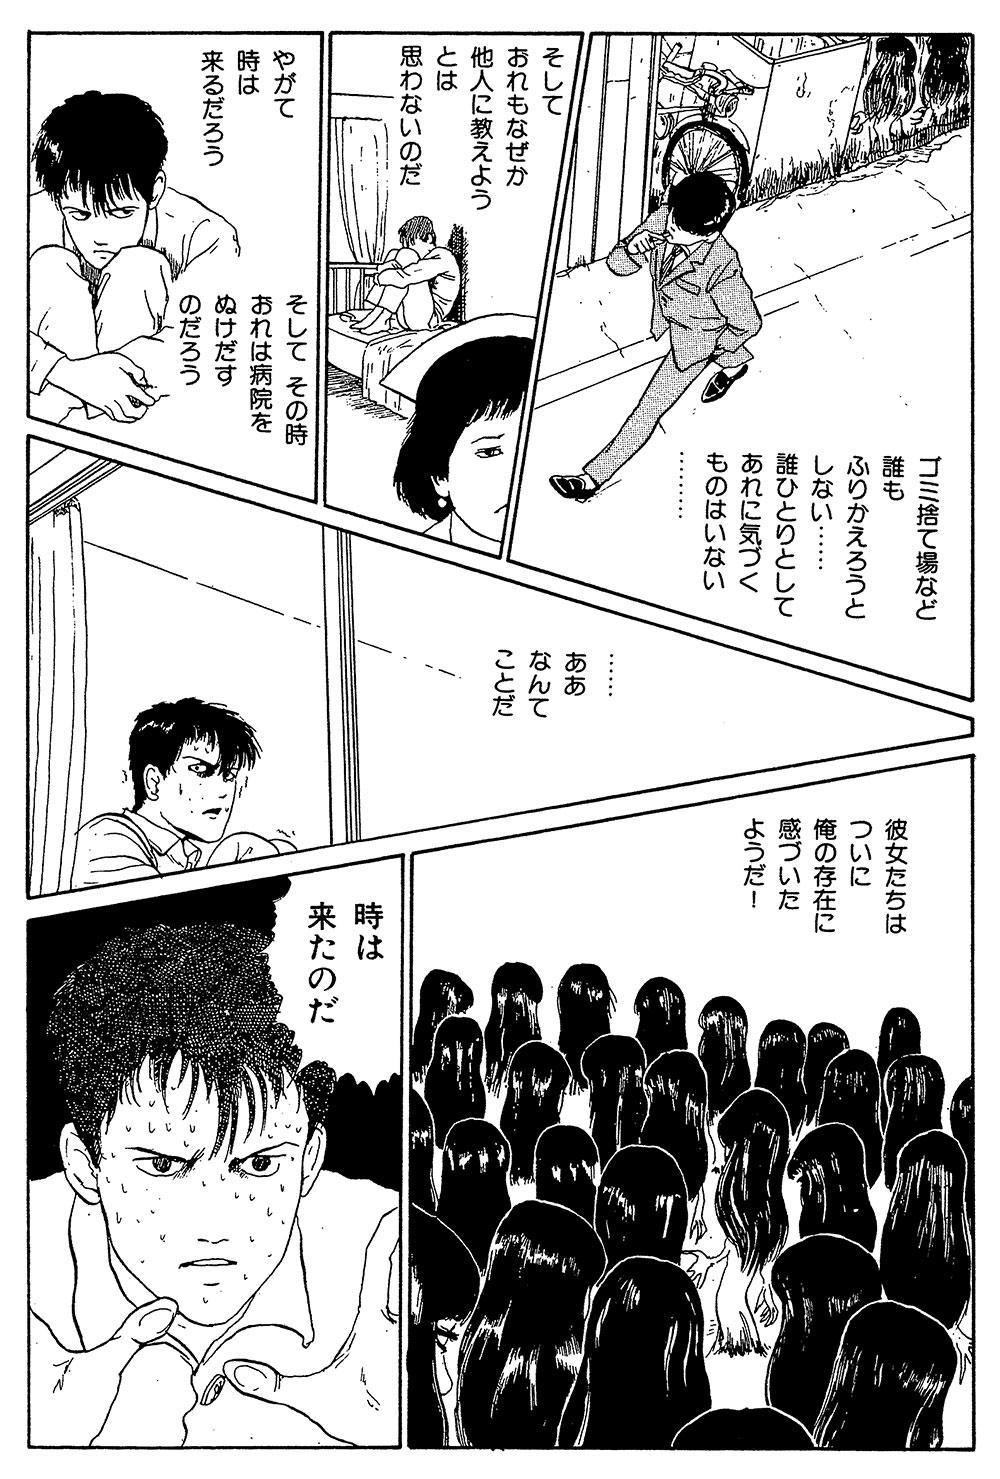 伊藤潤二傑作集 第5話「富江 接吻」⑤junji19-14.jpg